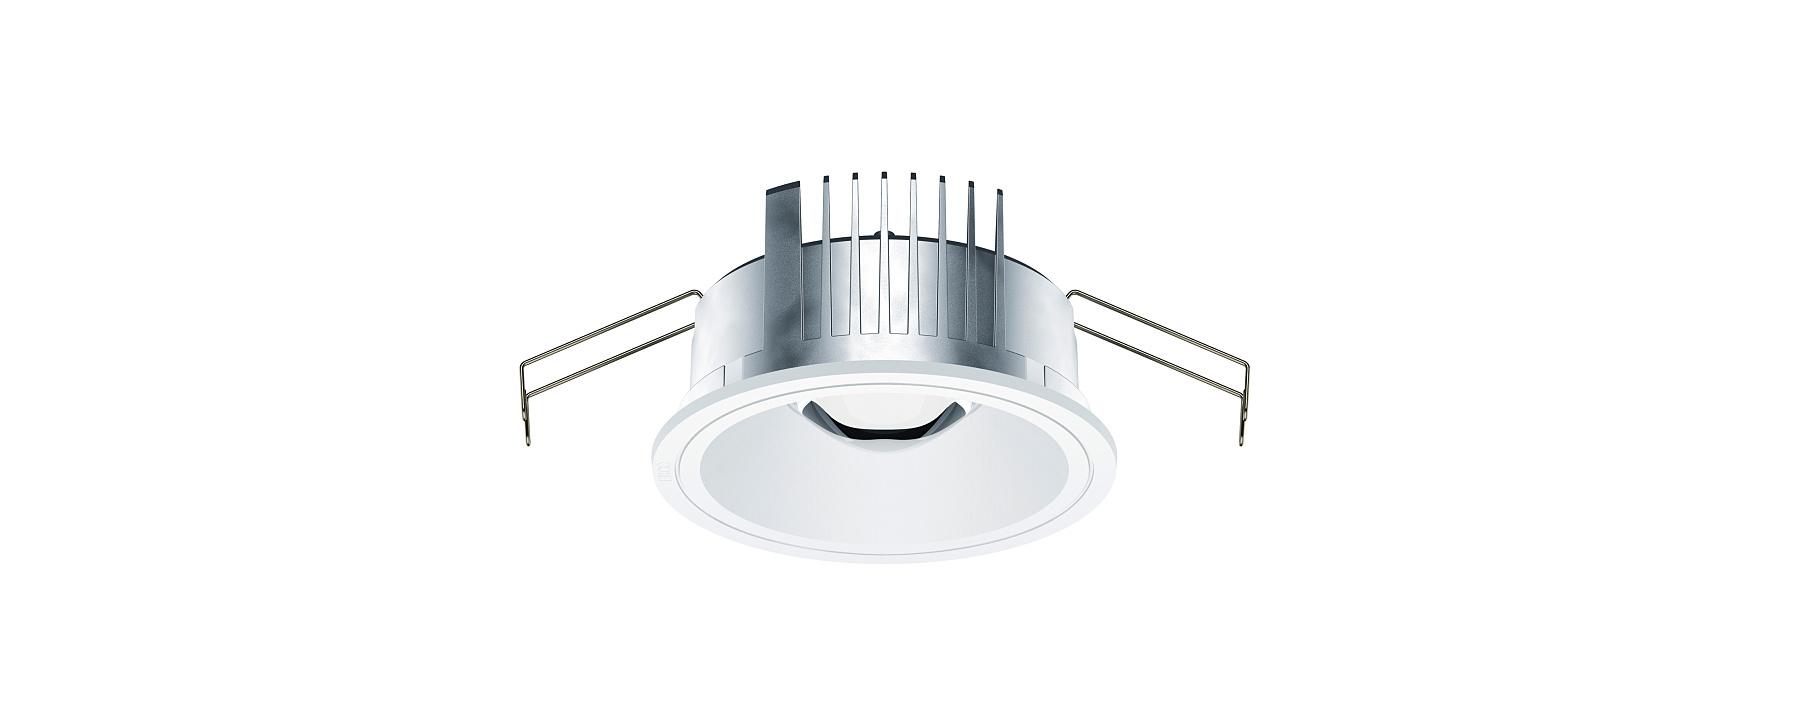 Binnenverlichting - Plafondinbouwarmaturen - Skim